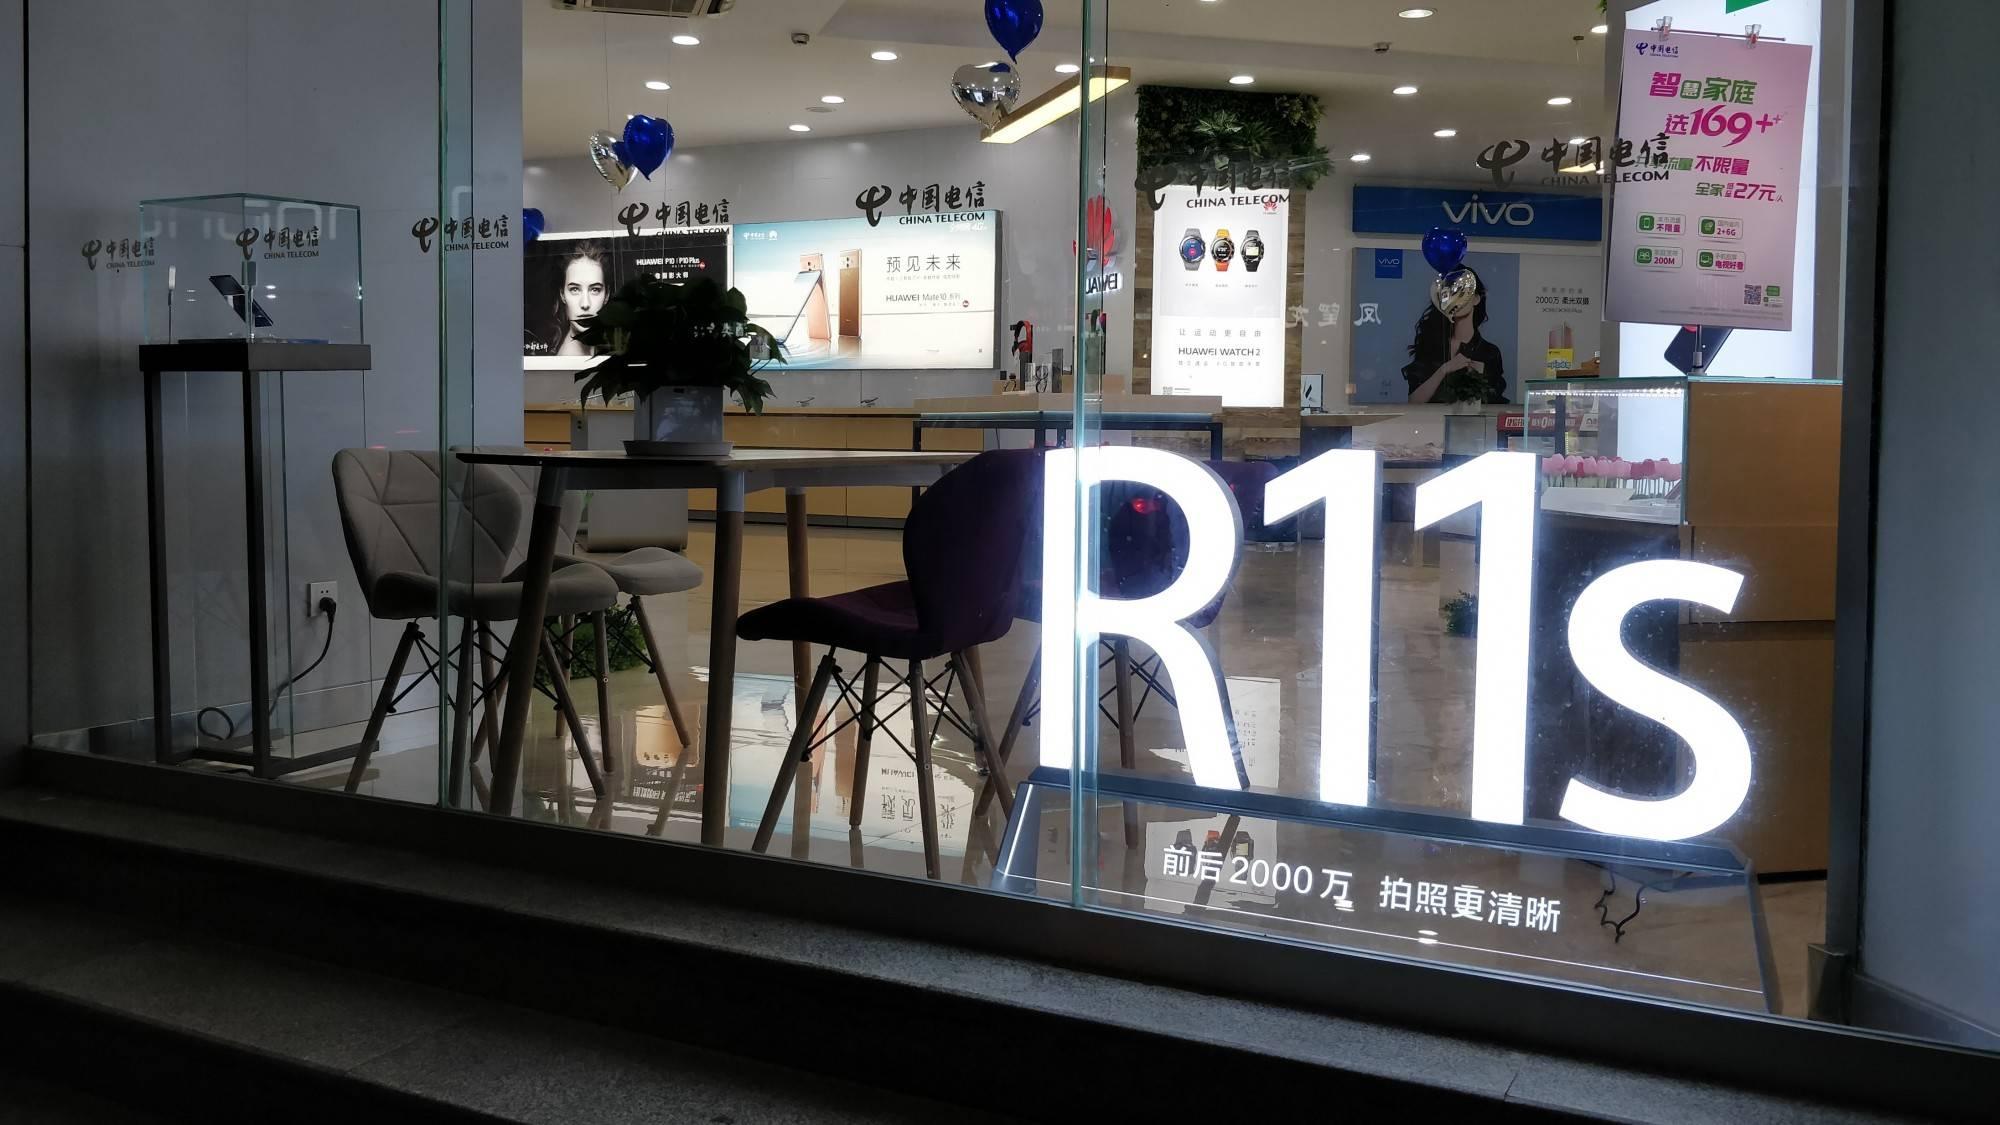 产品正式发布前,线下店早就换装了 OPPO R11s 的宣传物料。这是成都街头的一家手机经销网点。